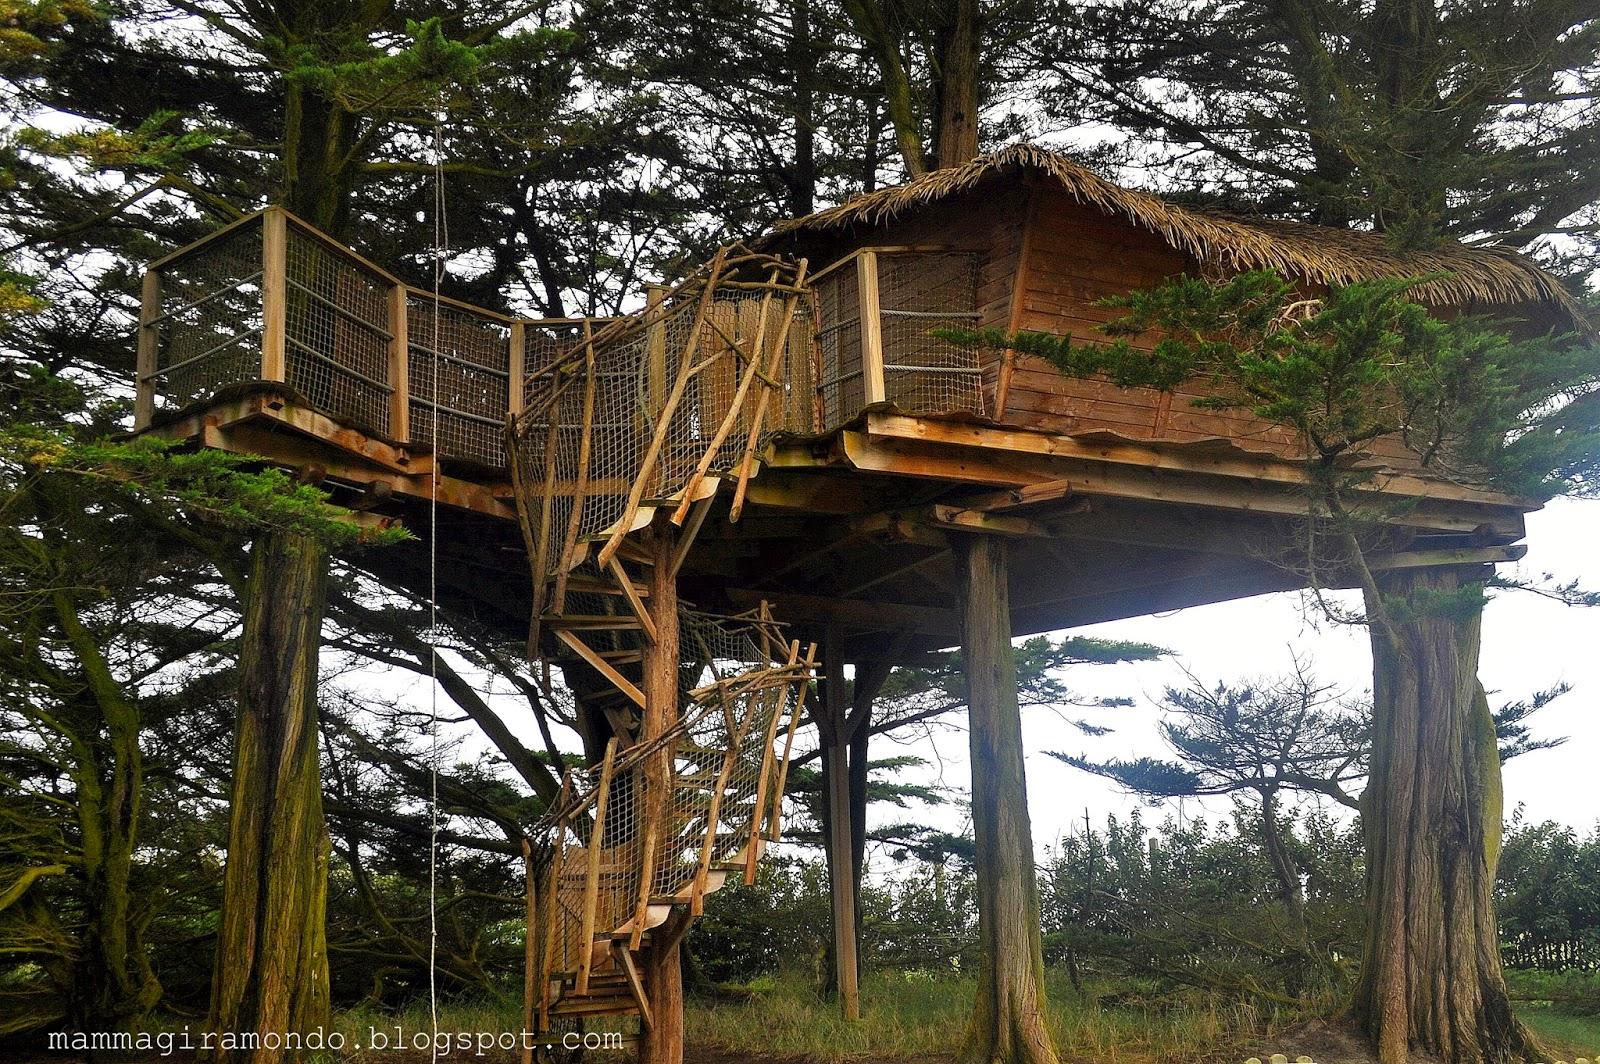 Dormire in una casa sull 39 albero in bretagna - Come costruire una casa sull albero ...